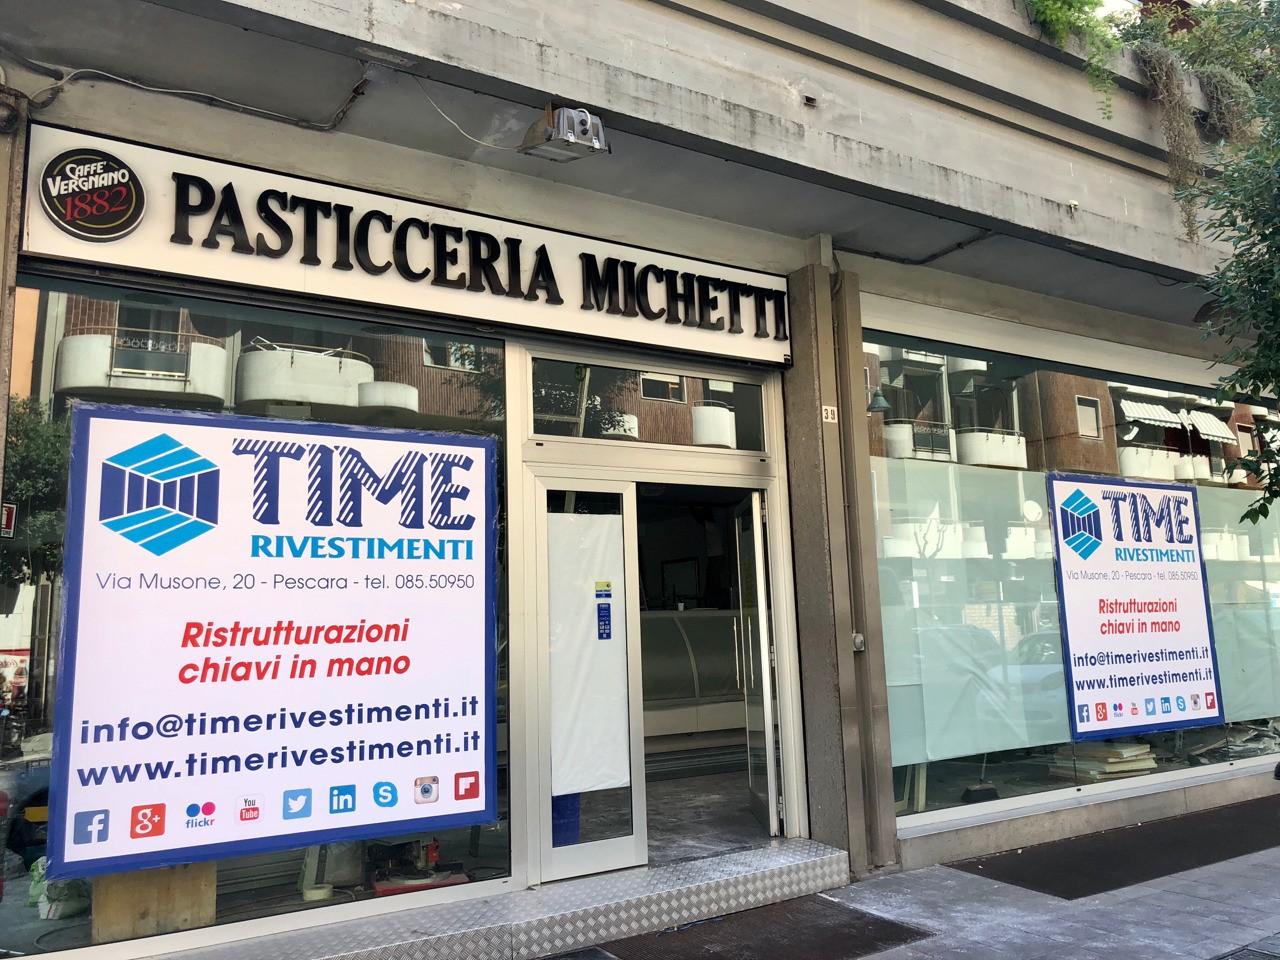 Restyling totale Pasticceria Michetti, by Time Rivestimenti. #pasticceriamichetti #timerivestimenti #ristrutturazioni #ristrutturazionichiavinmano #restyling #design #look #rebuild #pescara #italia Per info su materiali e progetti in tutta Italia: 08550950 - 3388518827 - 3286112626 info@timerivestimenti.it www.timerivestimenti.it